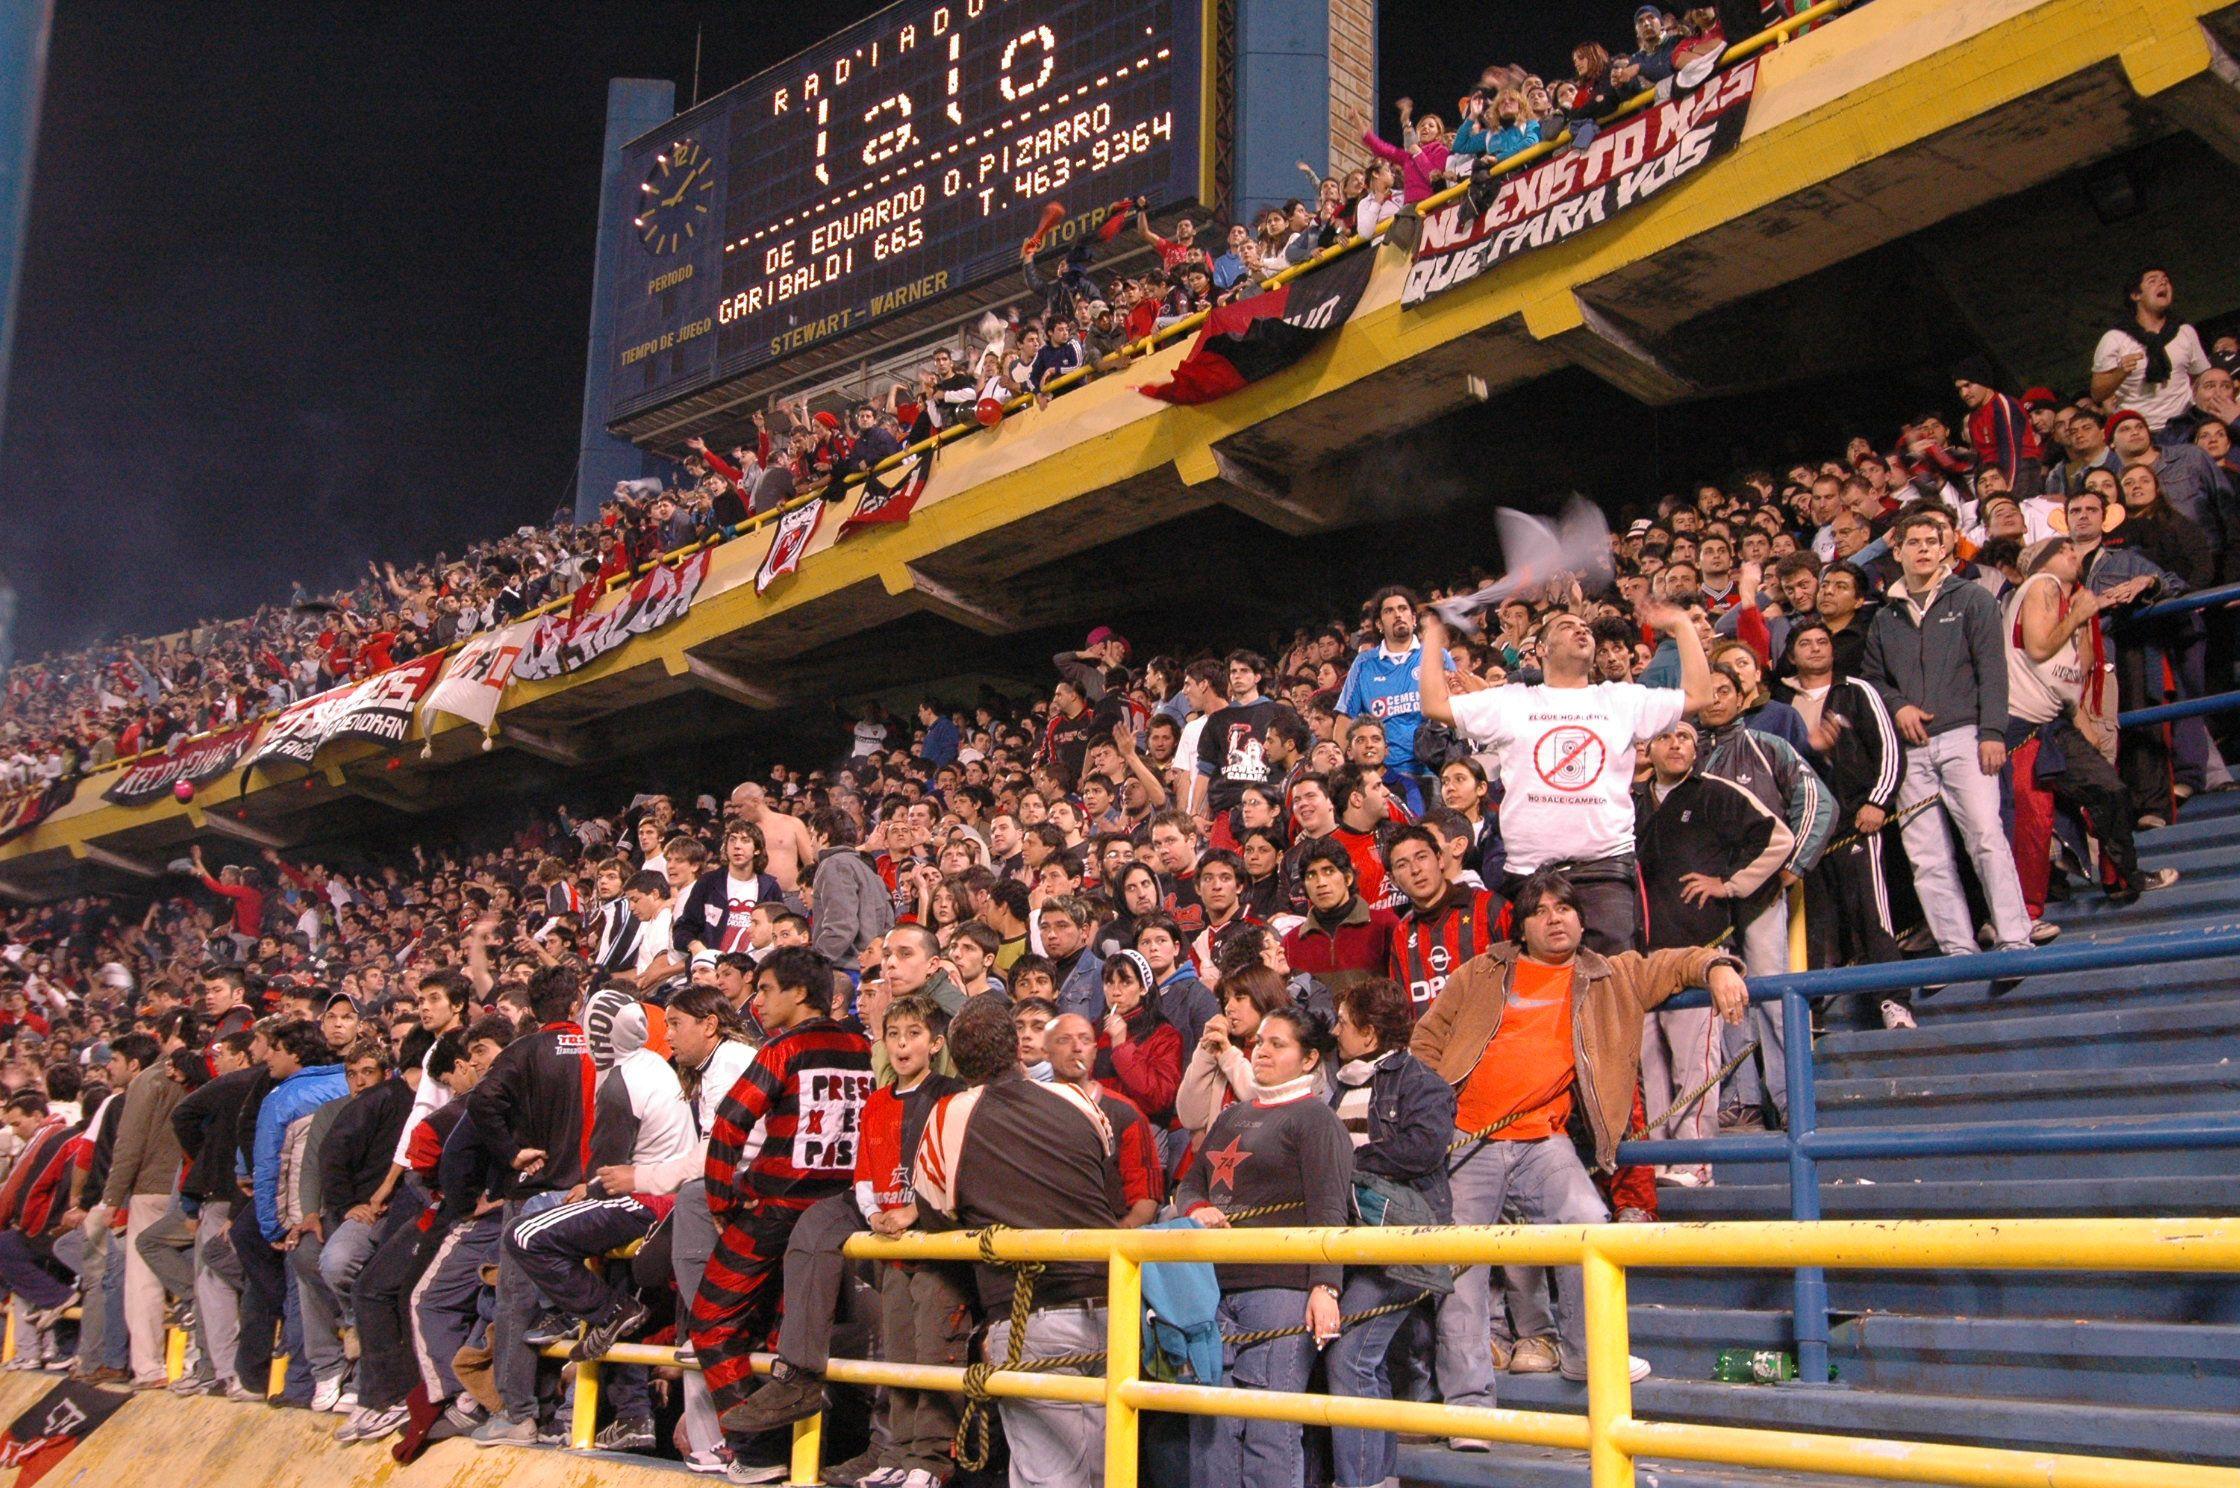 Agosto de 2005. Los hinchas de Newells en la tribuna que da sobre calle Cordiviola. Tras el partido